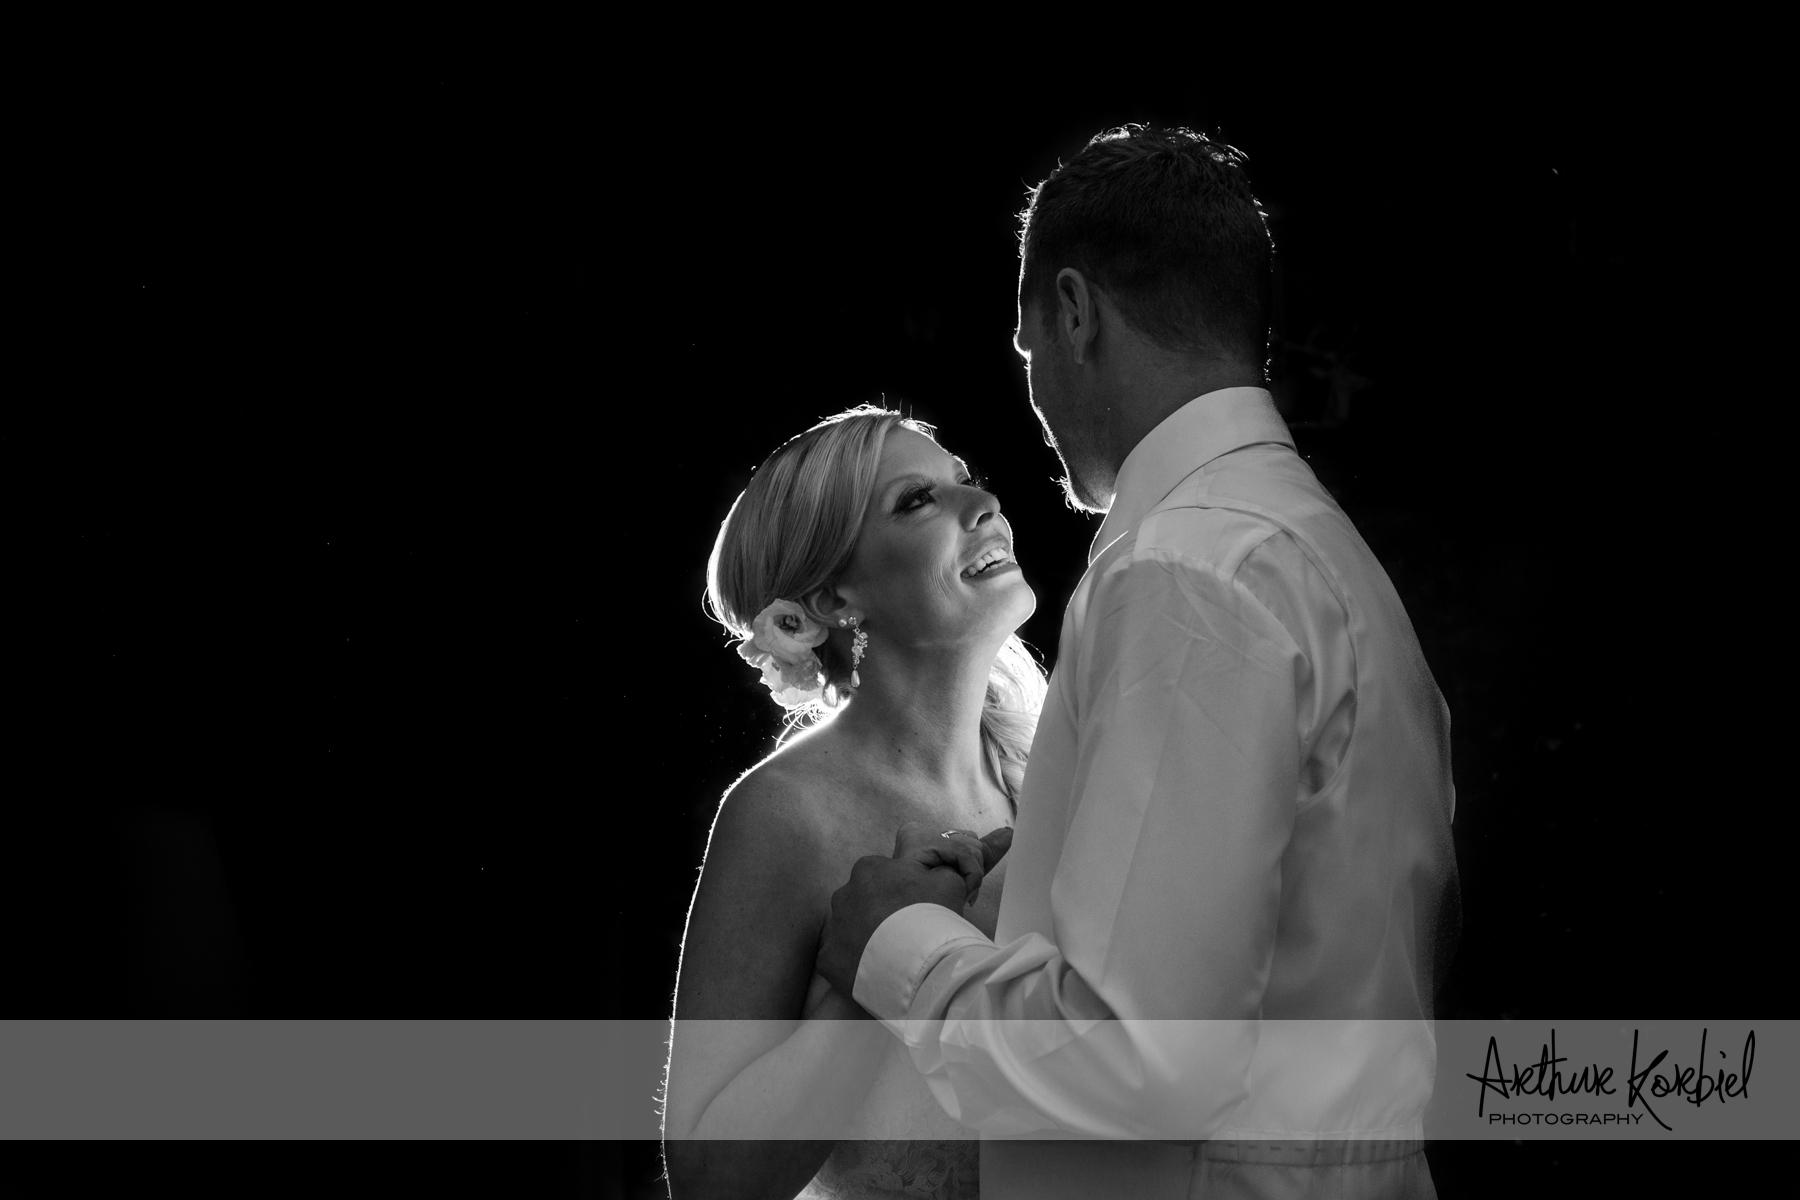 Arthur Korbiel Photography - London Wedding Photographer-044.jpg